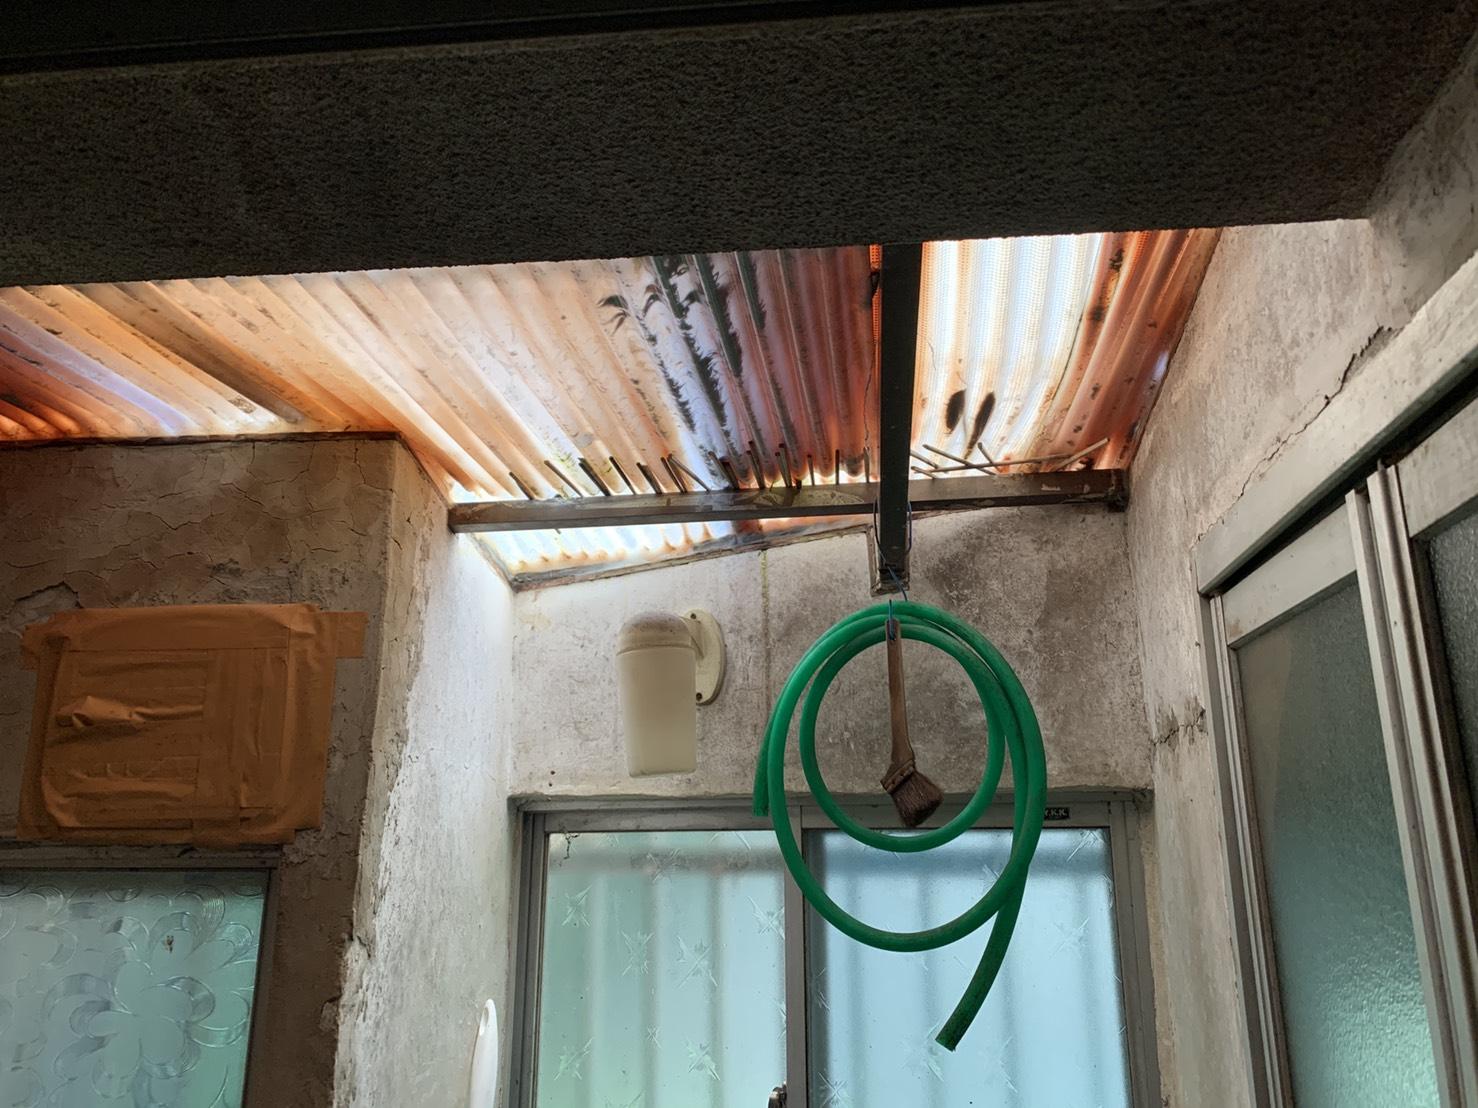 台風で波板から雨漏りしている風呂場の様子